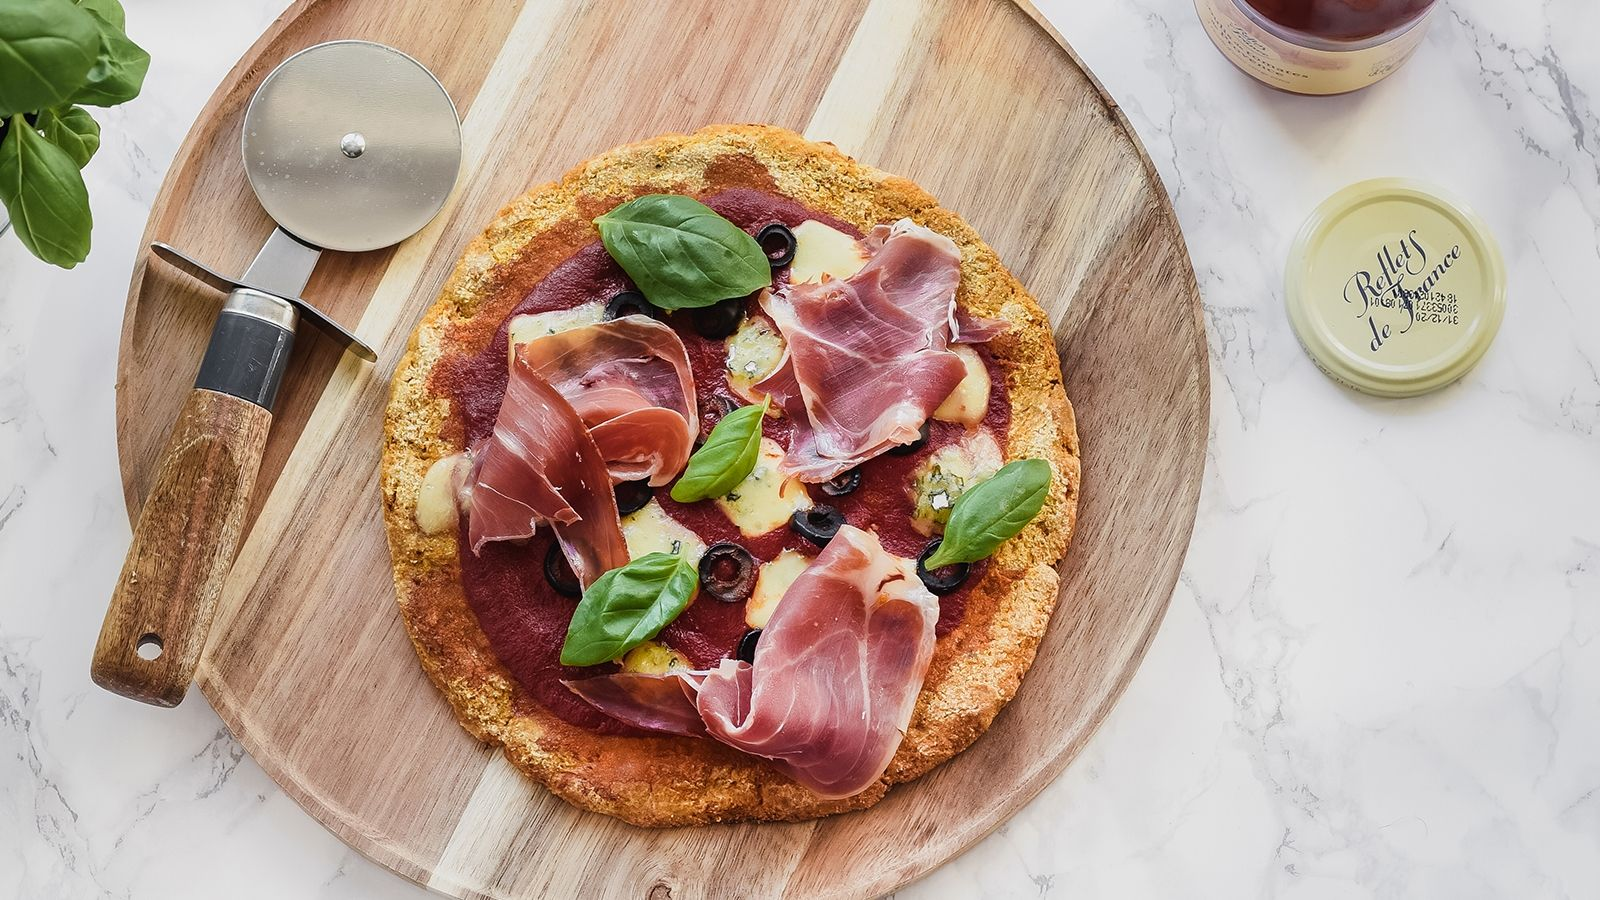 Bezglutenowa pizza na marchewkowym spodzie z szynką serrano, serem pleśniowym i oliwkami